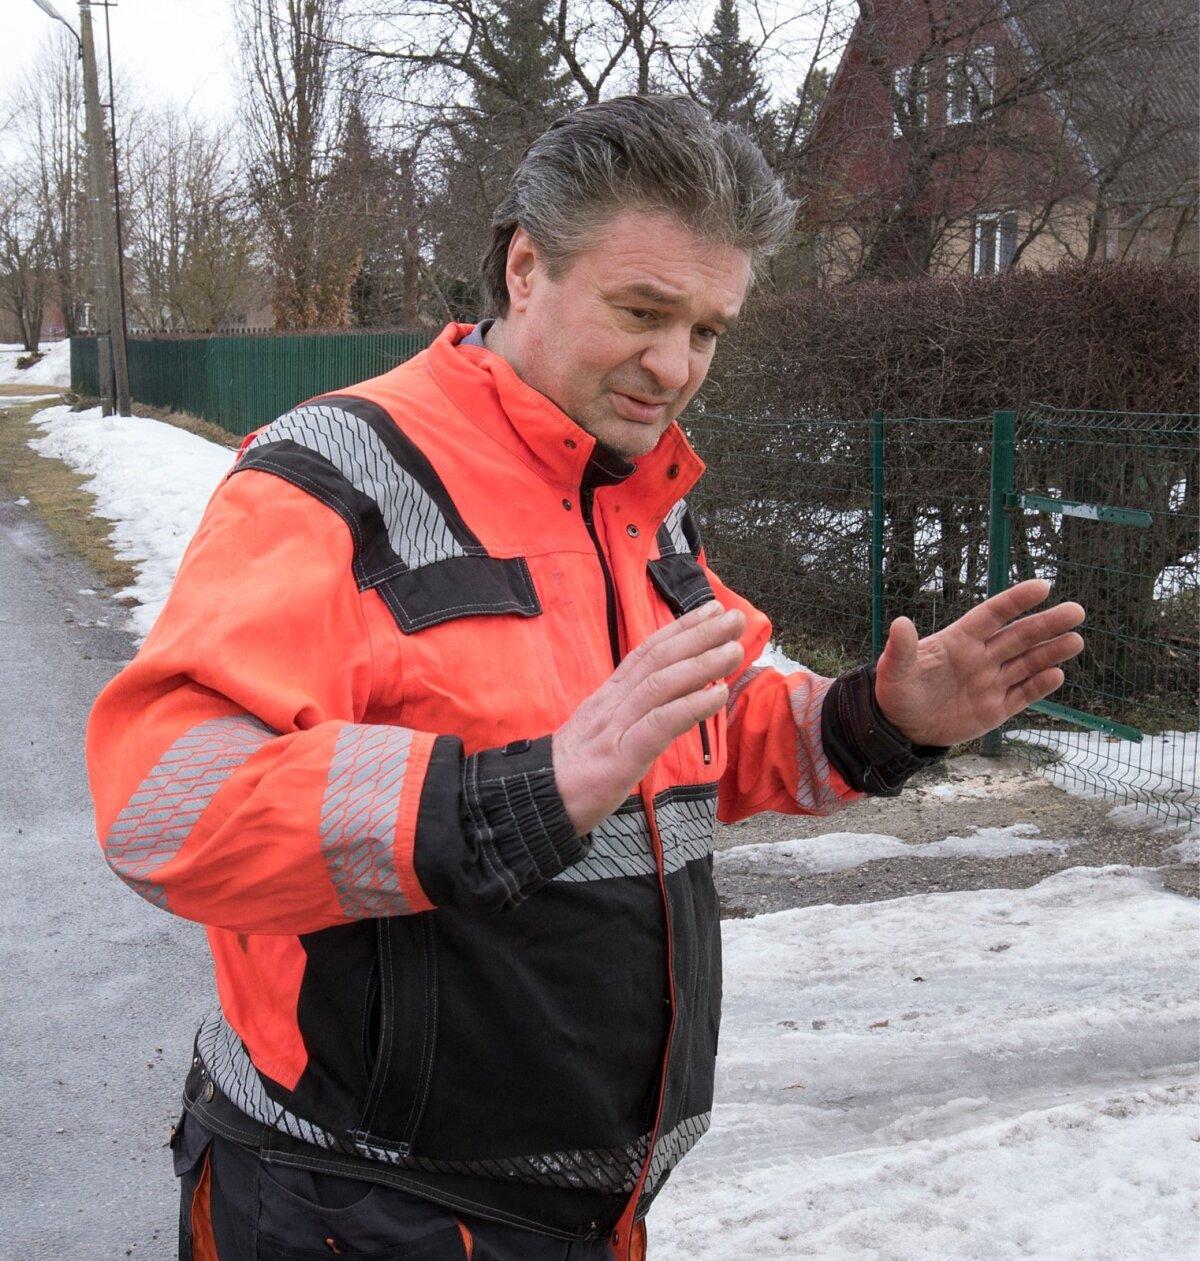 """""""Nad tulevad, kilekott näpus, ja kohe nõuavad midagi,"""" kirjeldas kohalikku tööjõudu OÜ Sarapiku Piim varustaja Urmas Riik."""